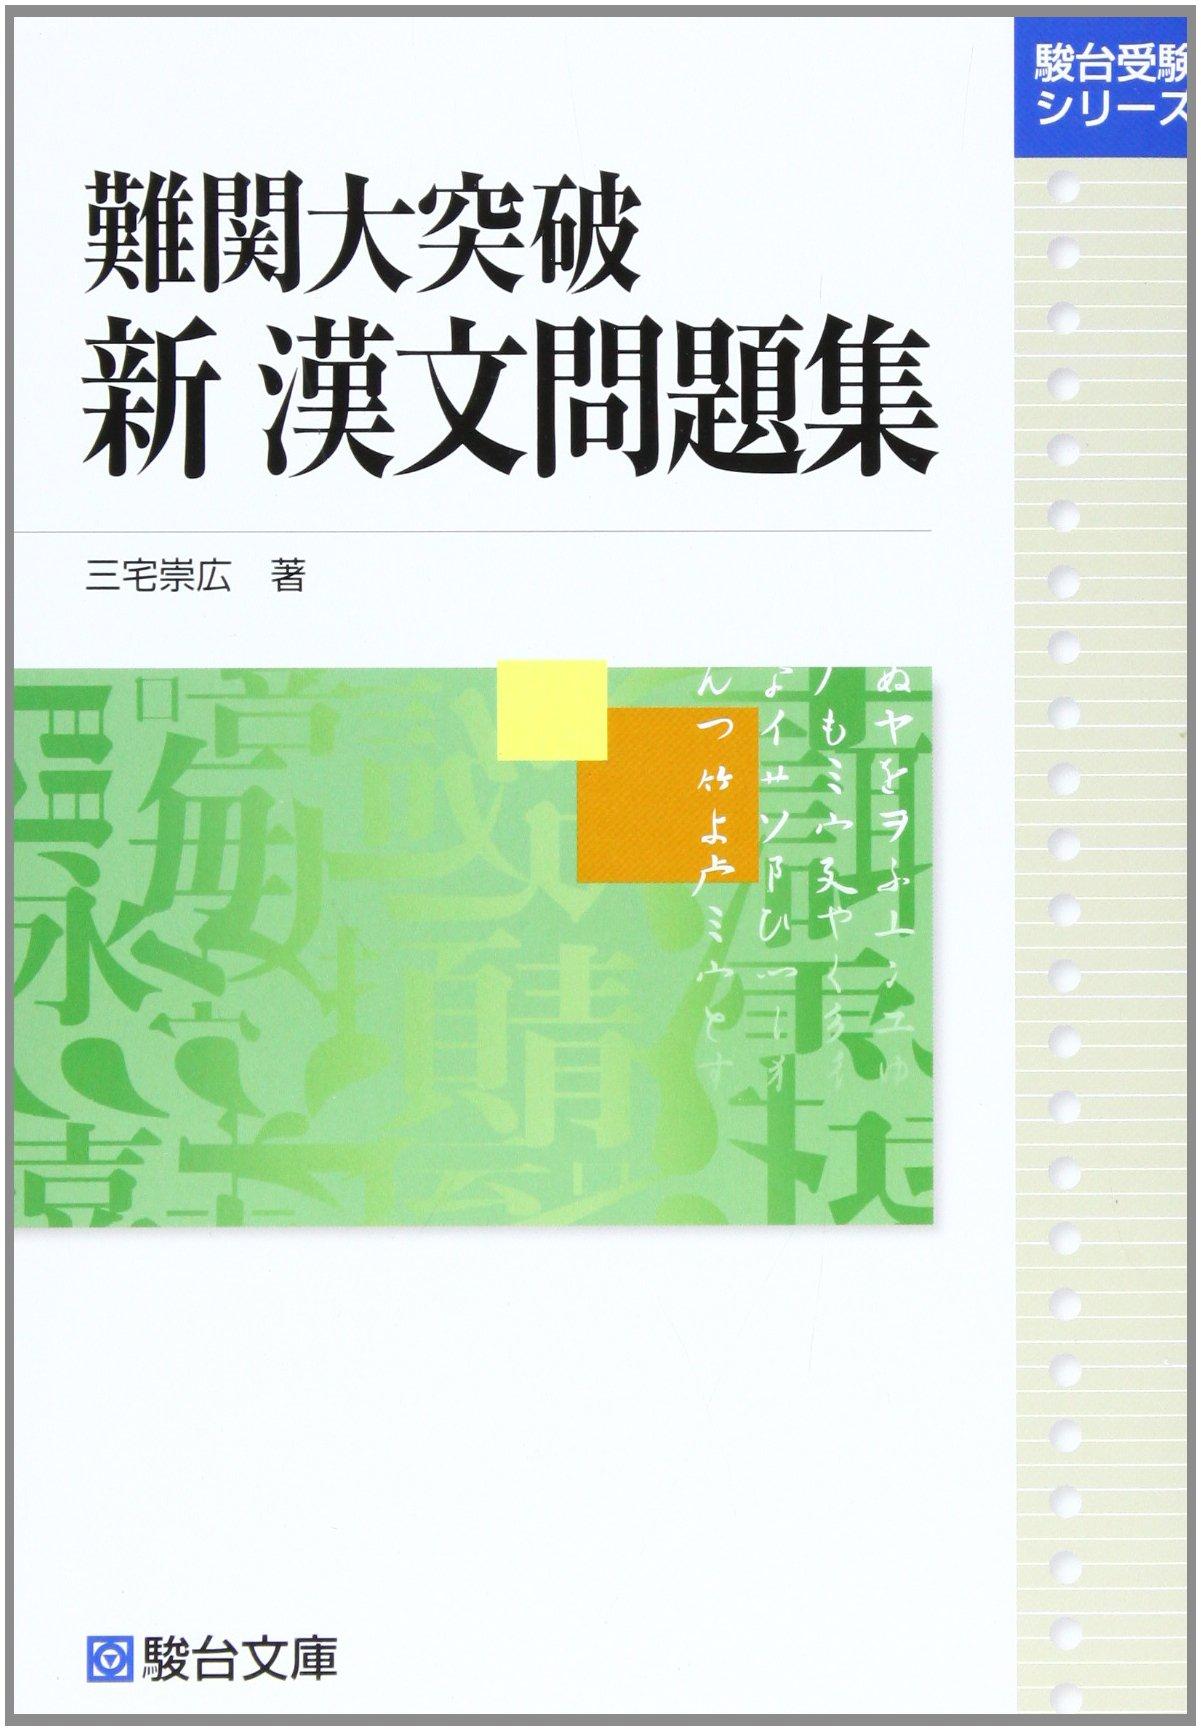 漢文のおすすめ参考書・問題集『難関大突破 新漢文問題集』